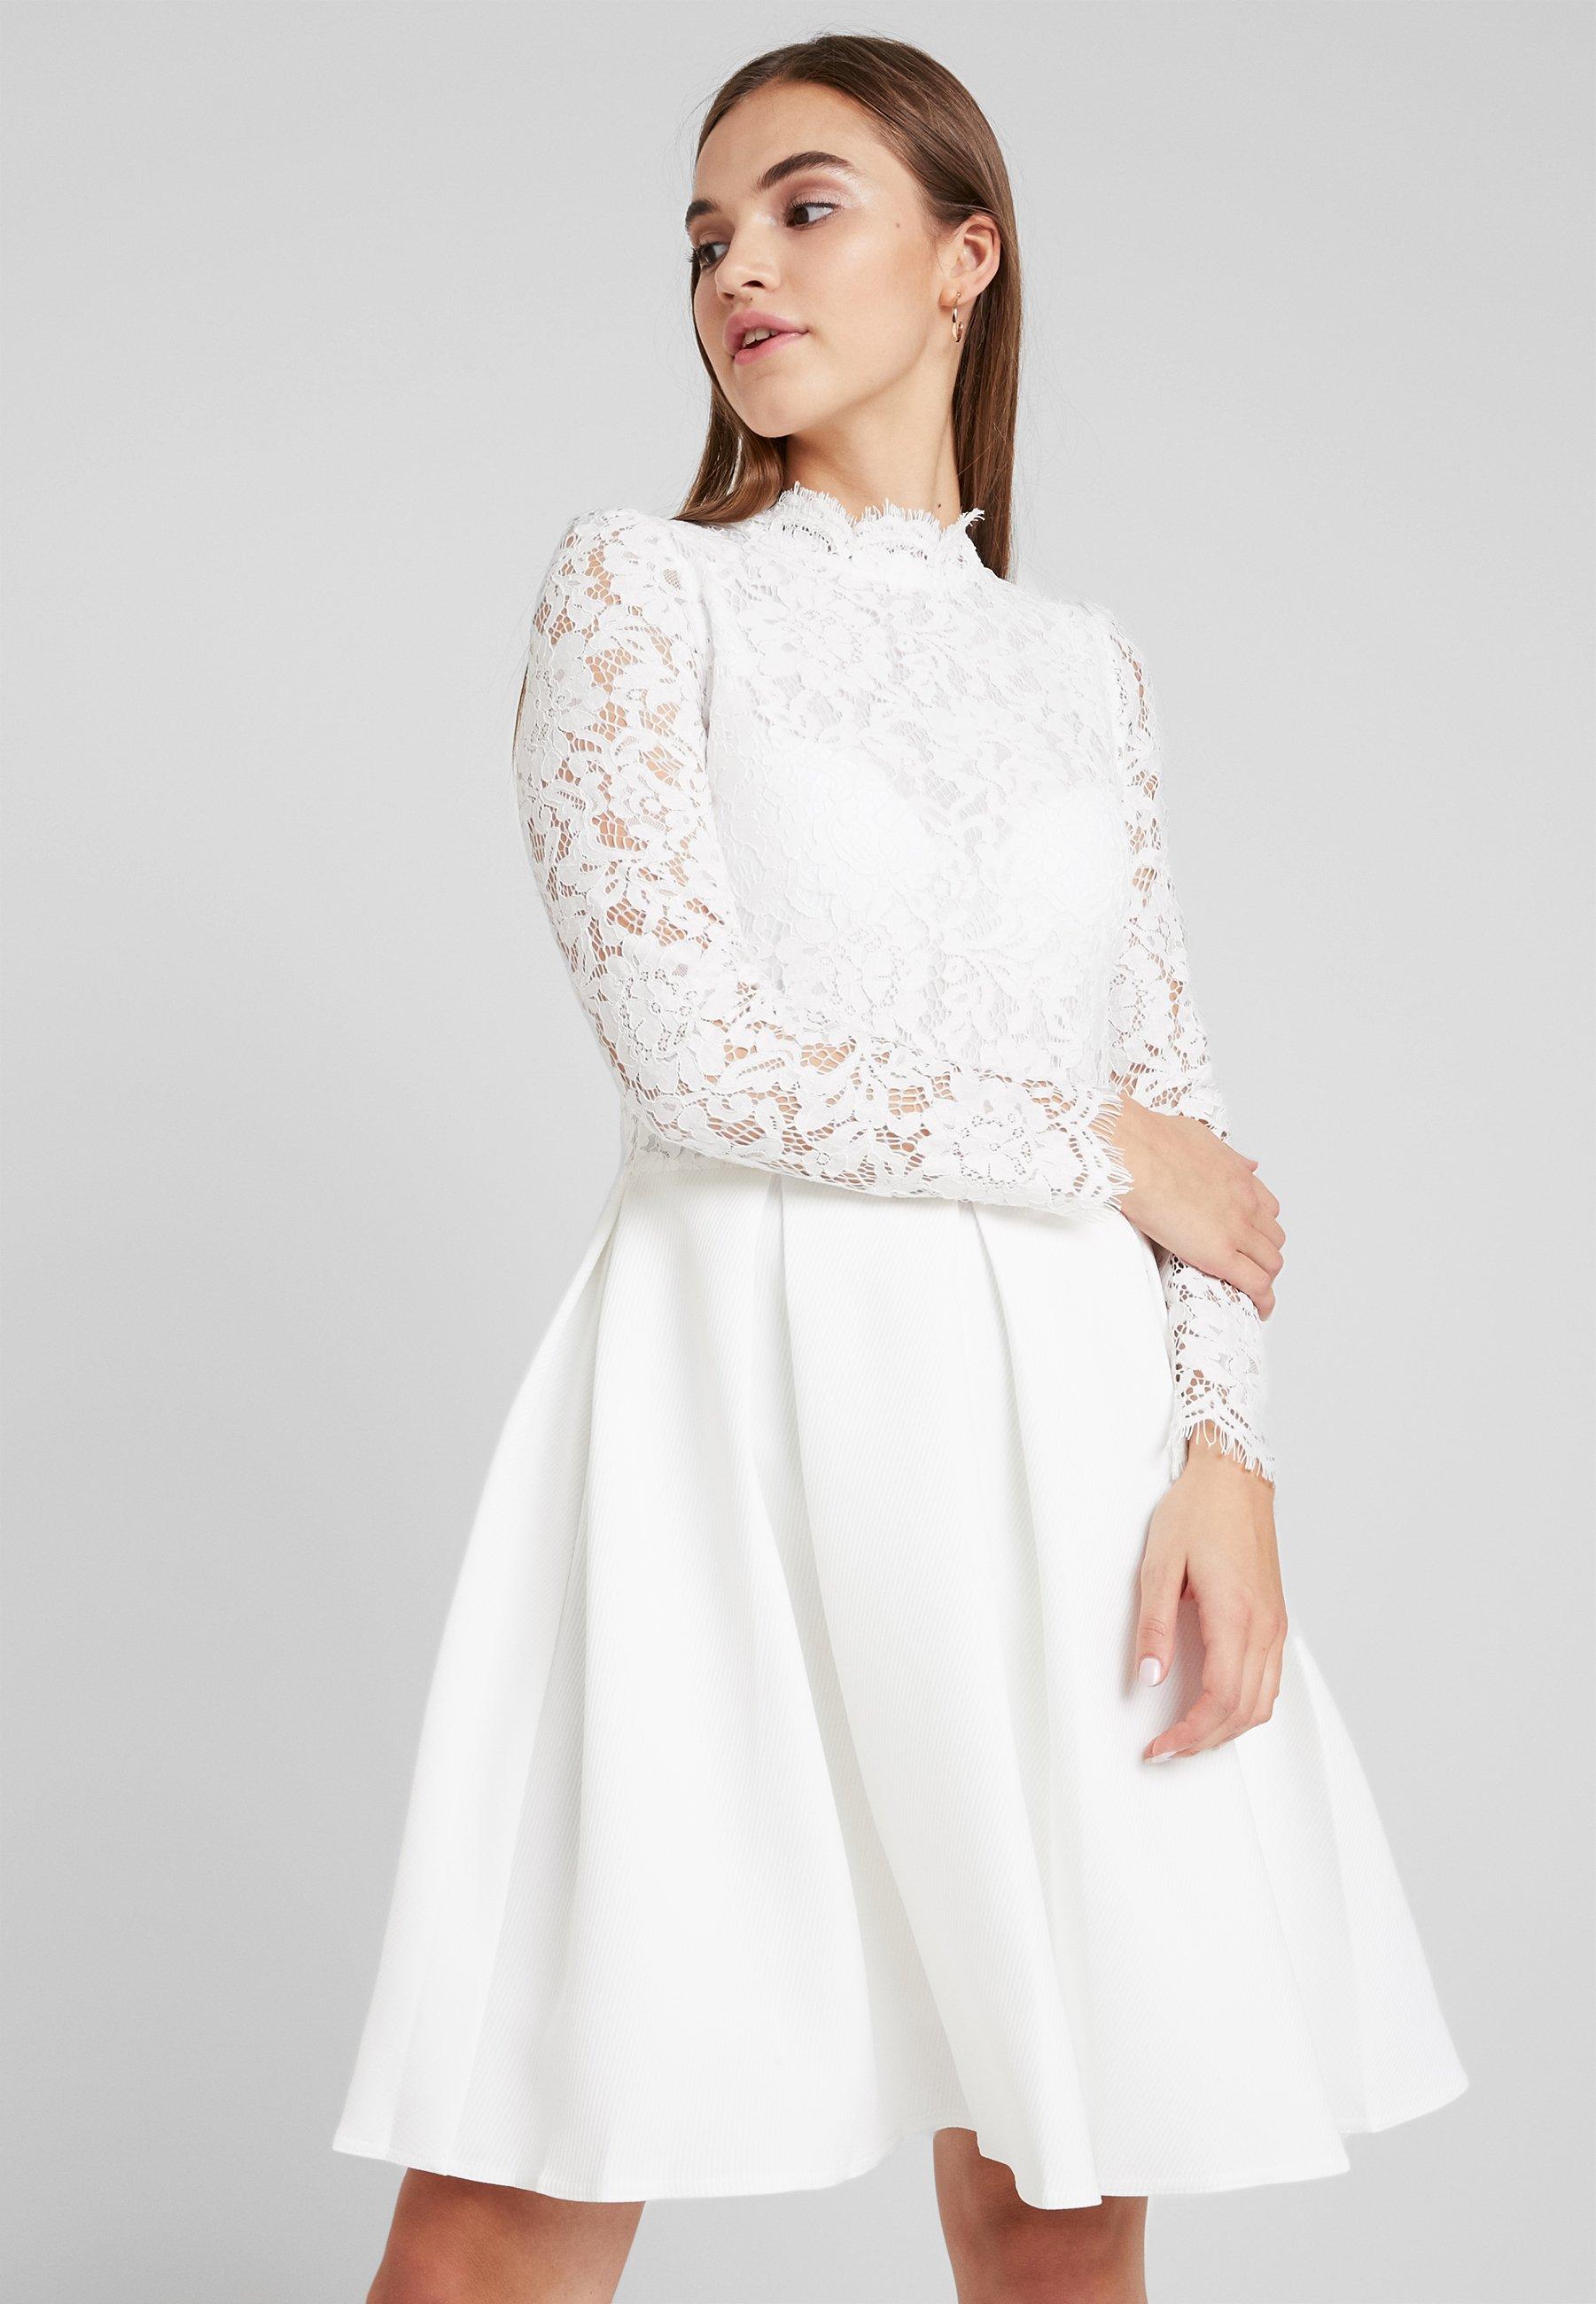 Molly Bracken Long Sleeves Cocktailkleid Festliches Kleid White Weiss Zalando De